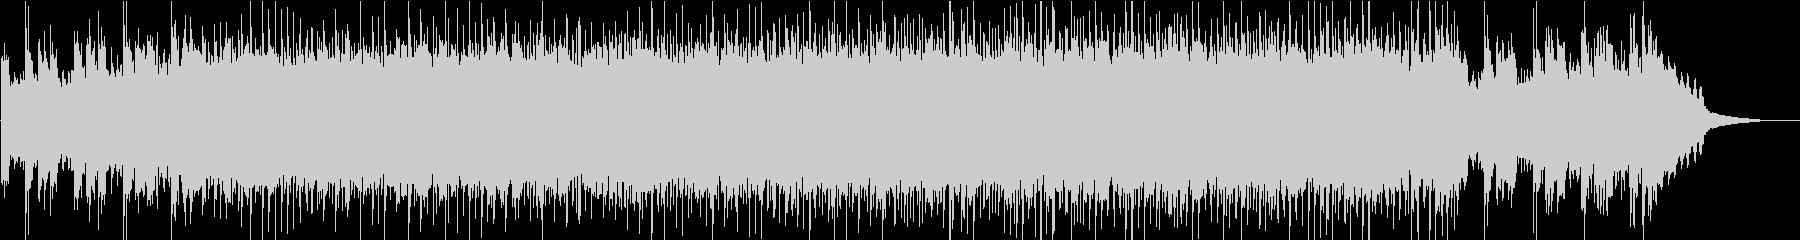 リフで始まるEL&P風なクールロックの未再生の波形